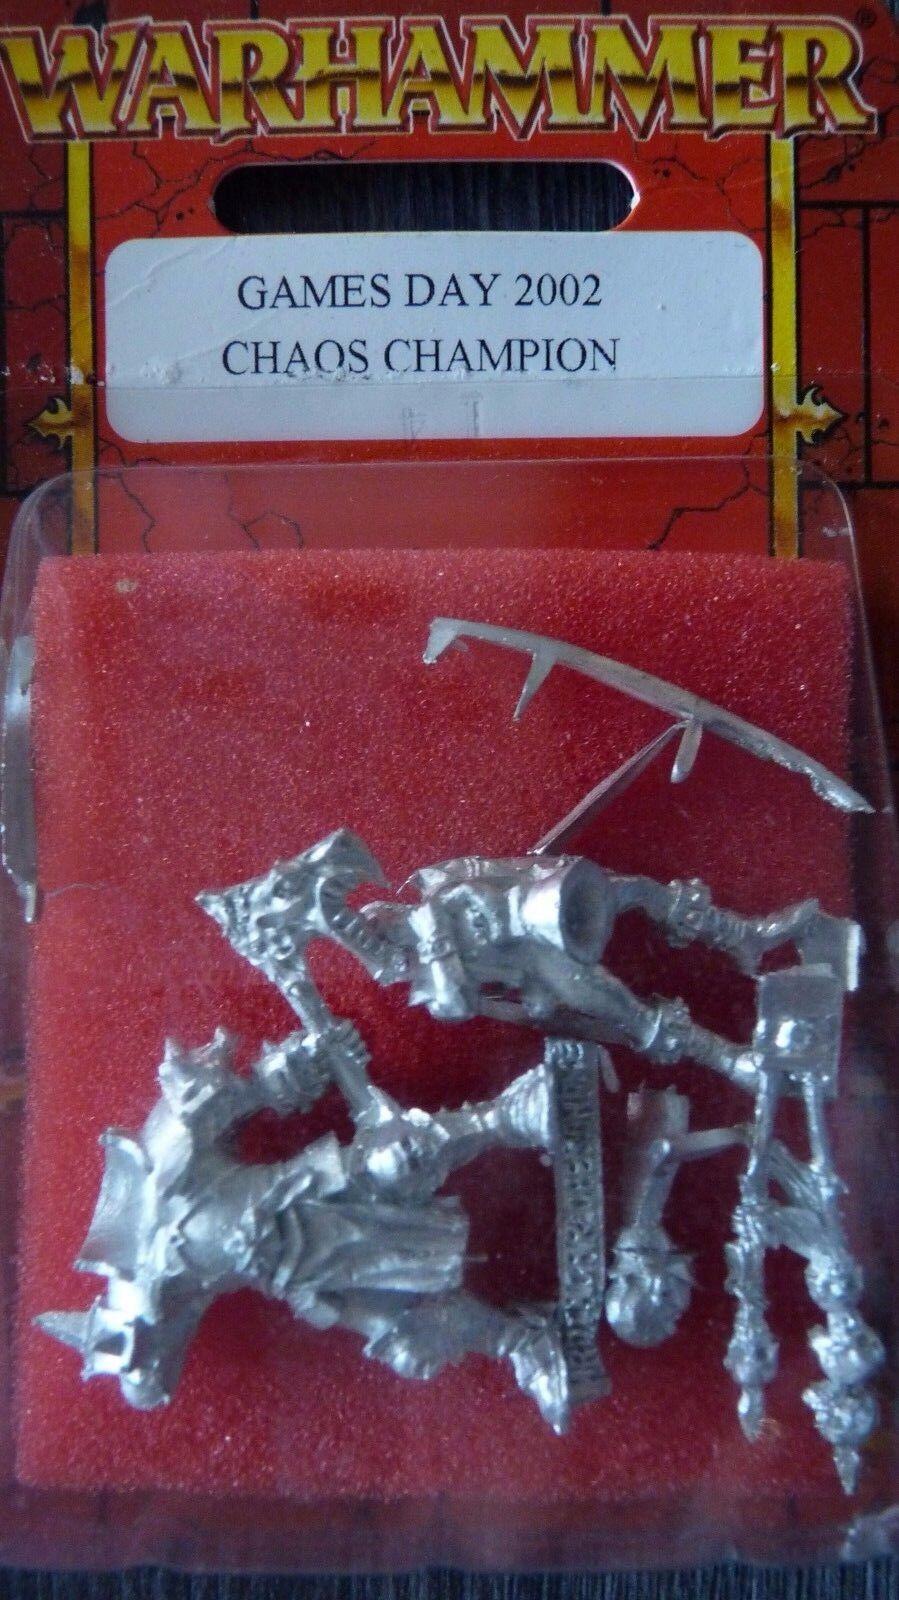 Whfb Limited Edition Edition Edition Games Day 2002 Champion du Chaos hrougehgaar En parfait état, dans sa boîte & programme ed54f8